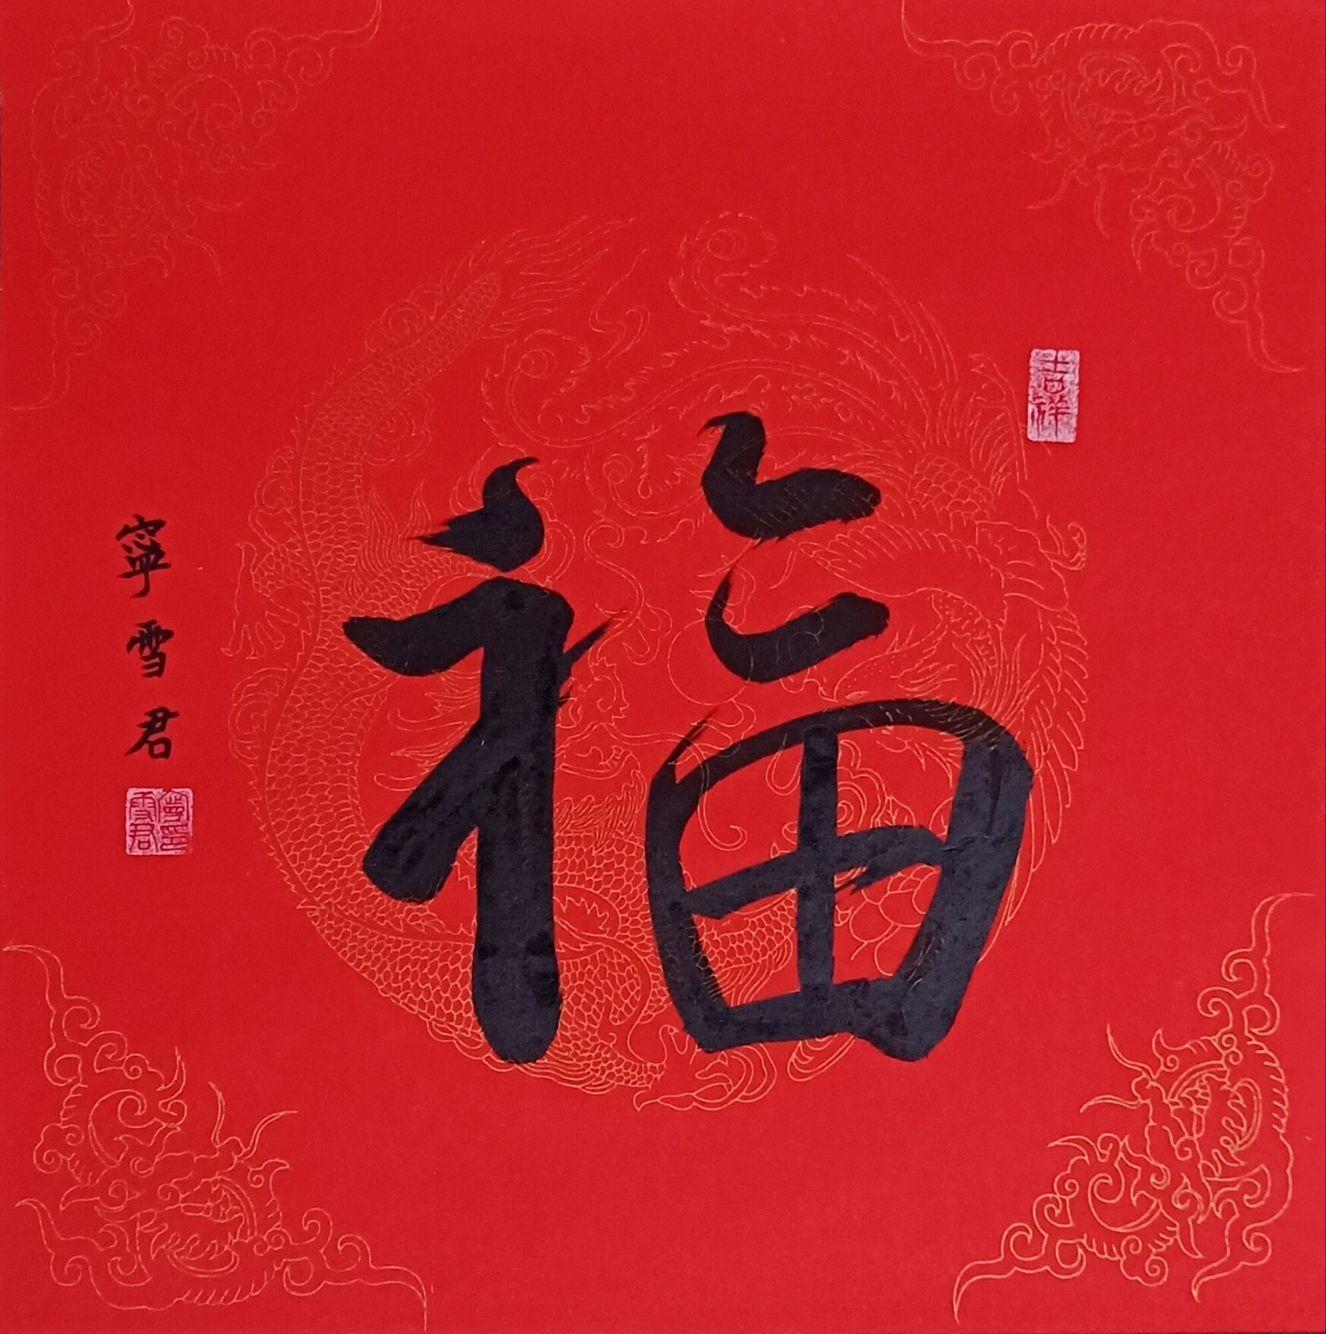 塞拉利昂驻华大使馆收藏宁雪君的书法作品中国《福》